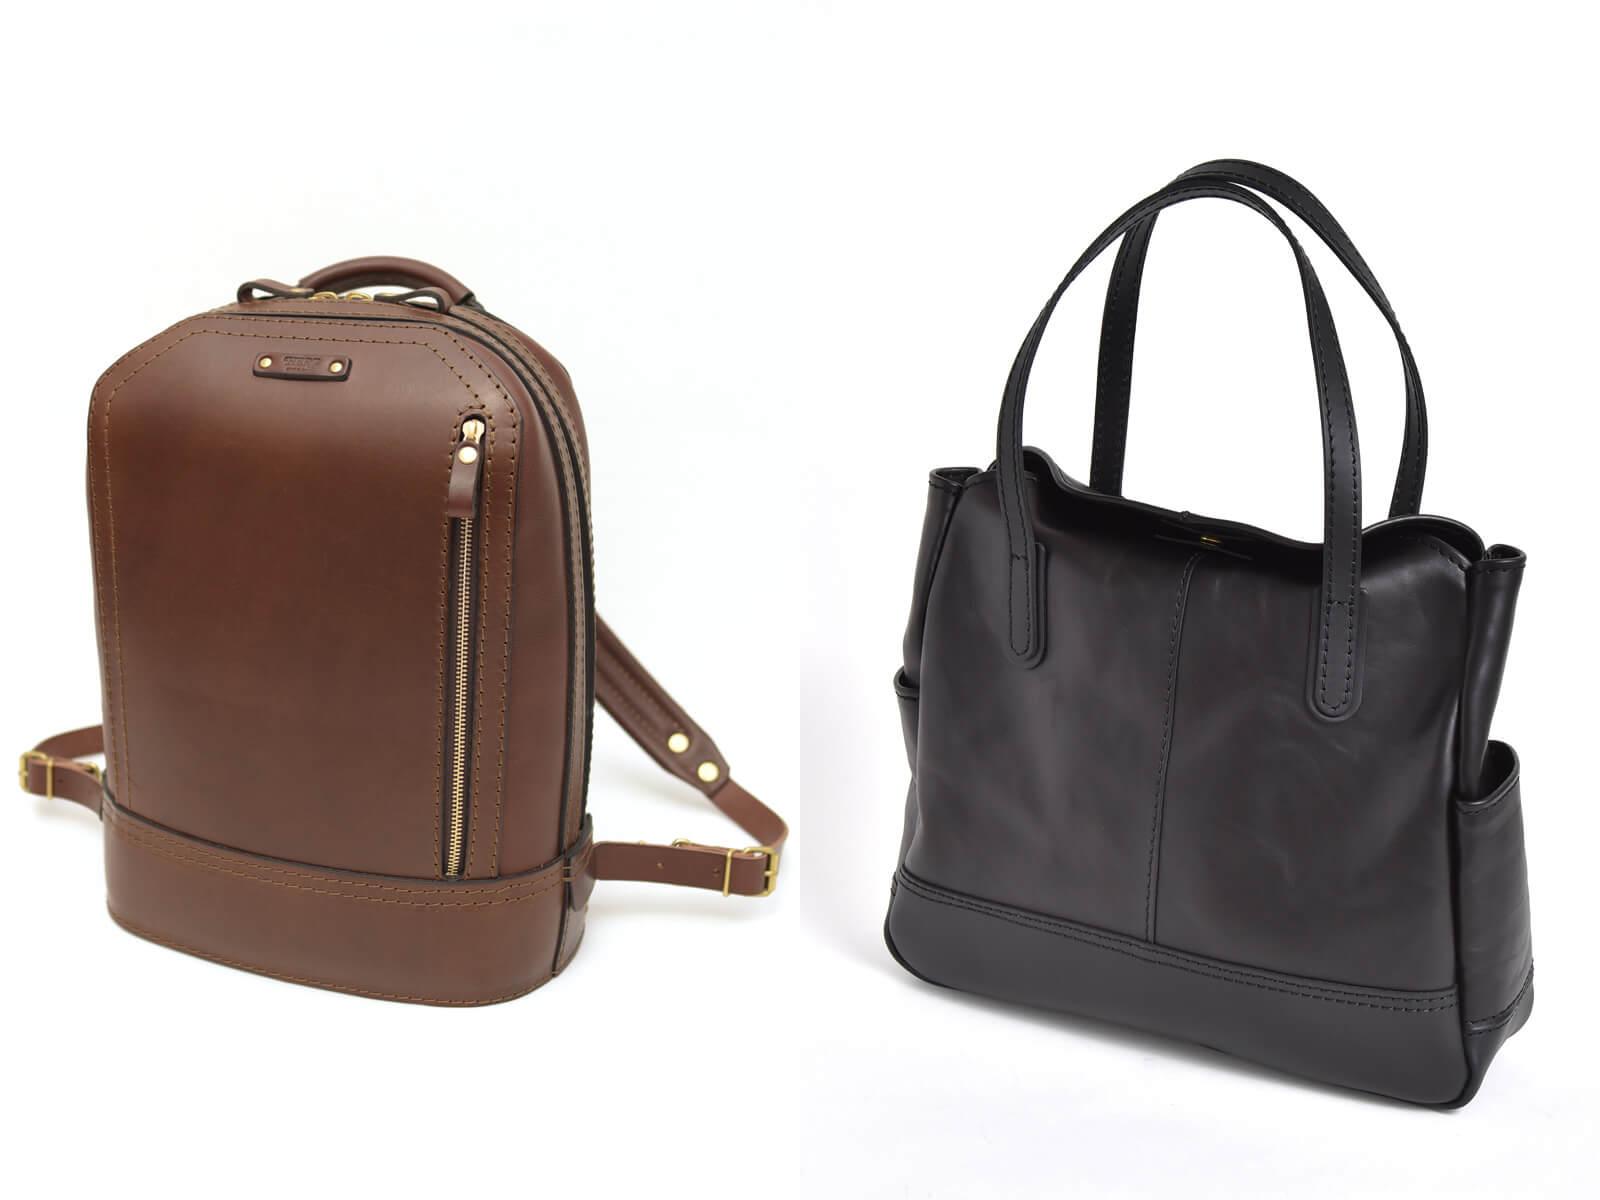 ドラマ『ナイト・ドクター』にリュックとトートバッグが使用されています